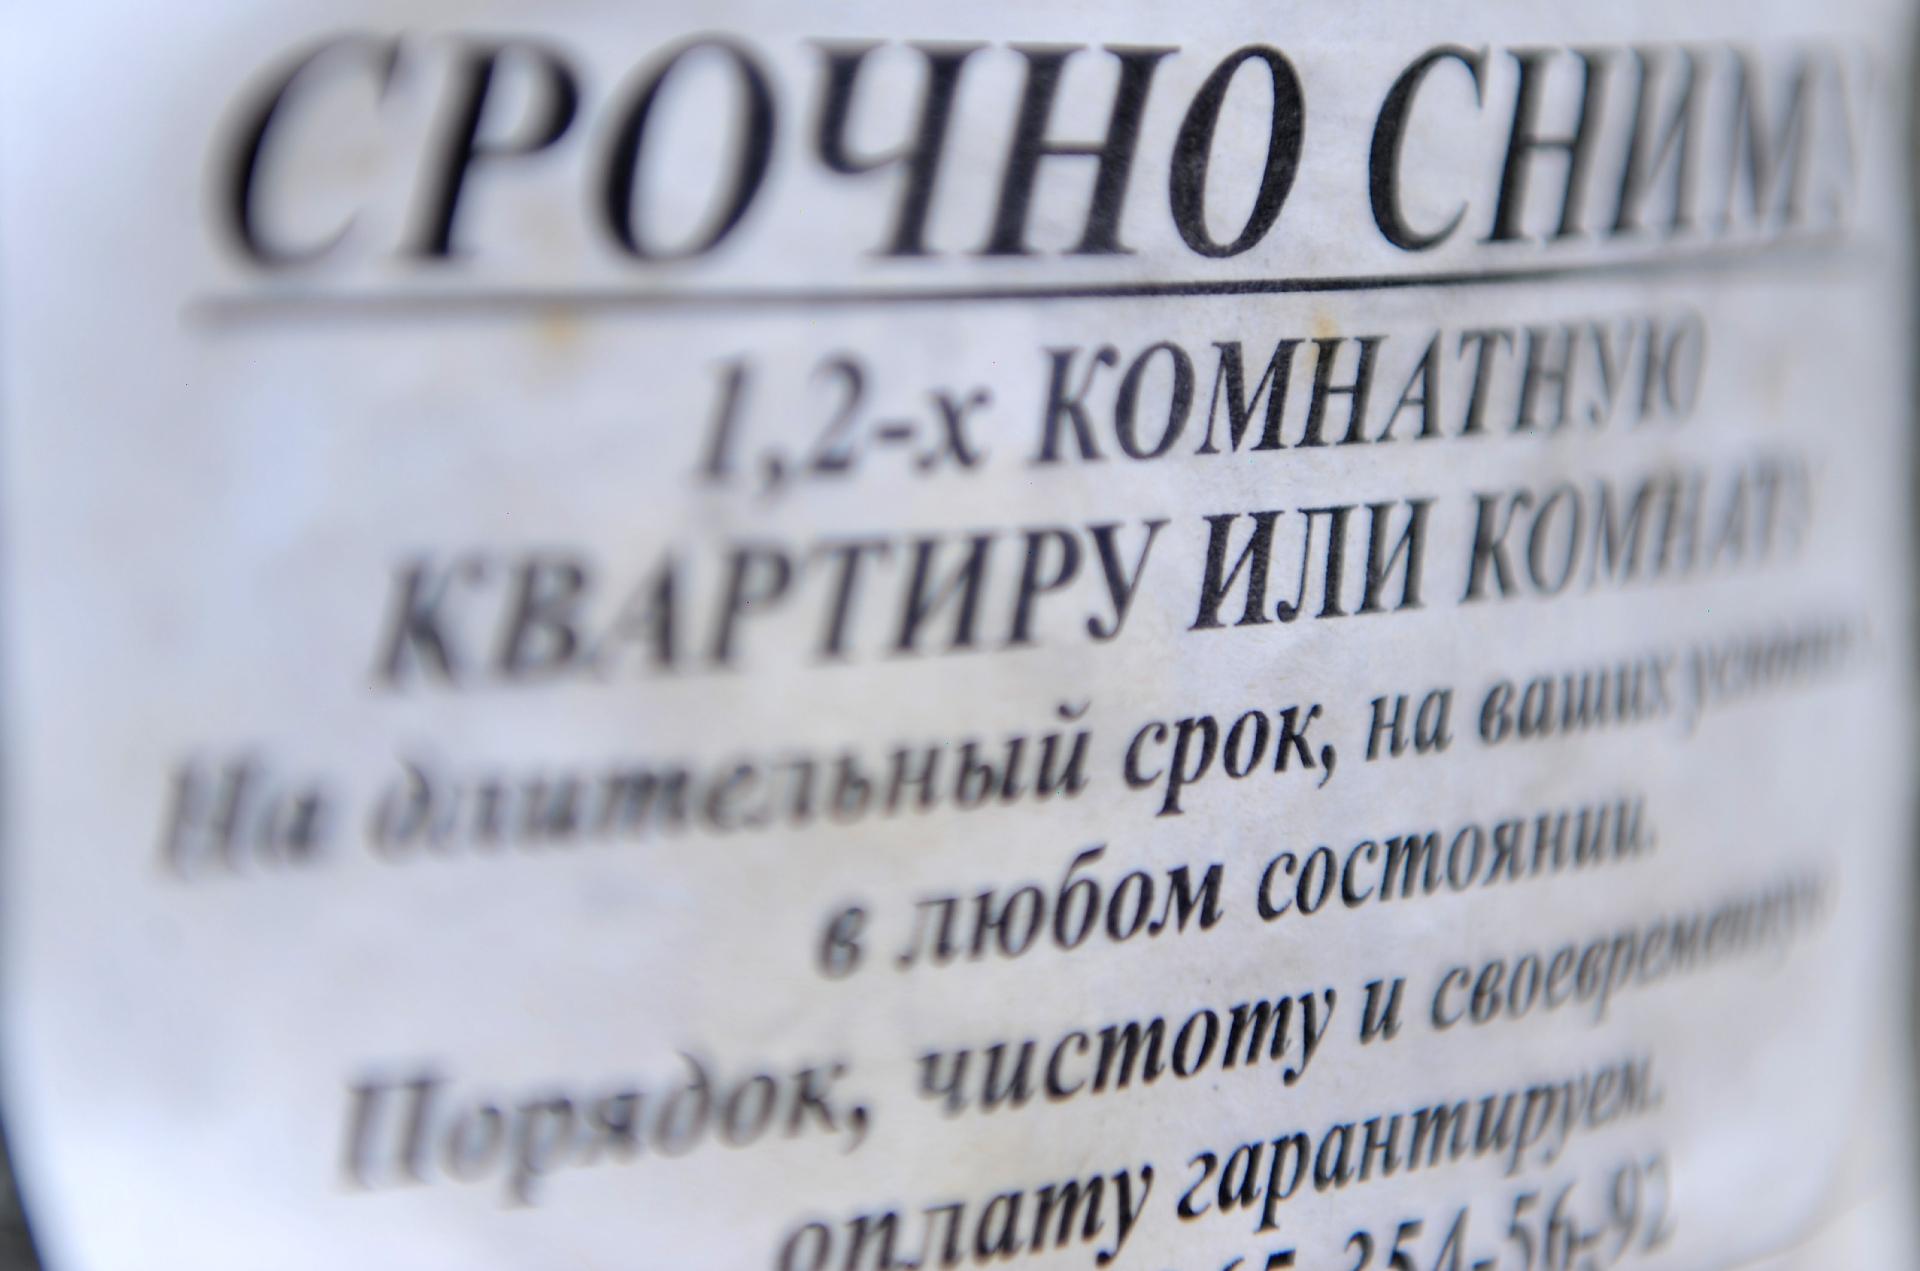 Фото:Сергей Карпов/ИТАР-ТАСС